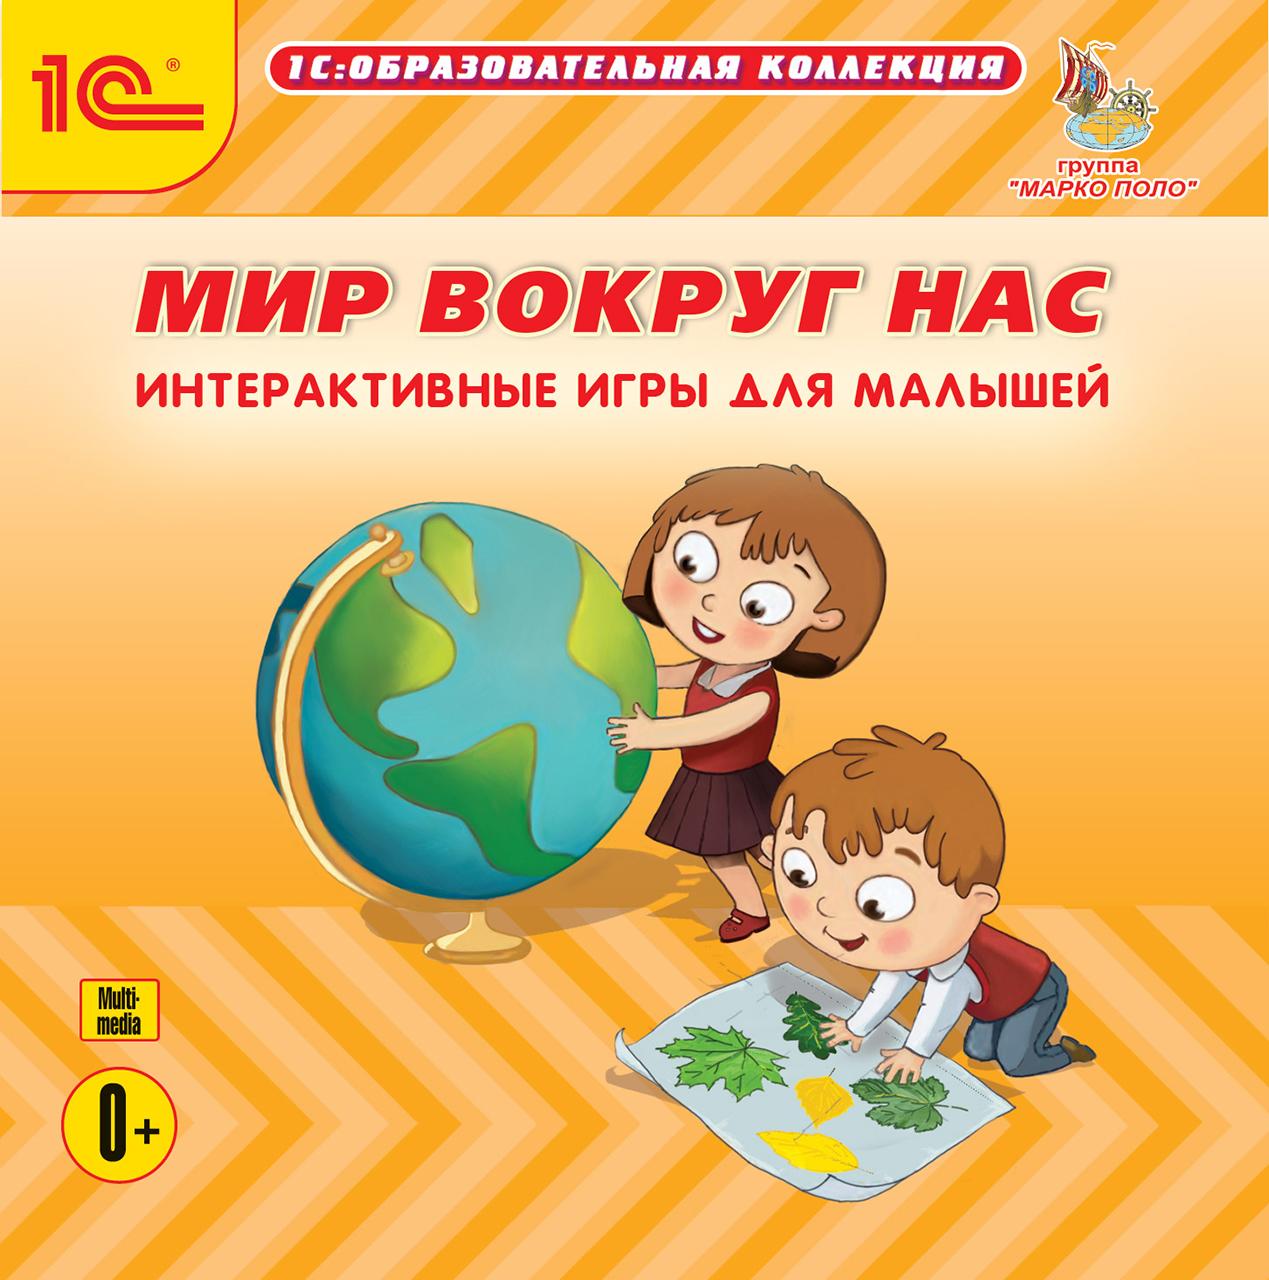 1С:Образовательная коллекция. Мир вокруг нас. Интерактивные игры для малышей